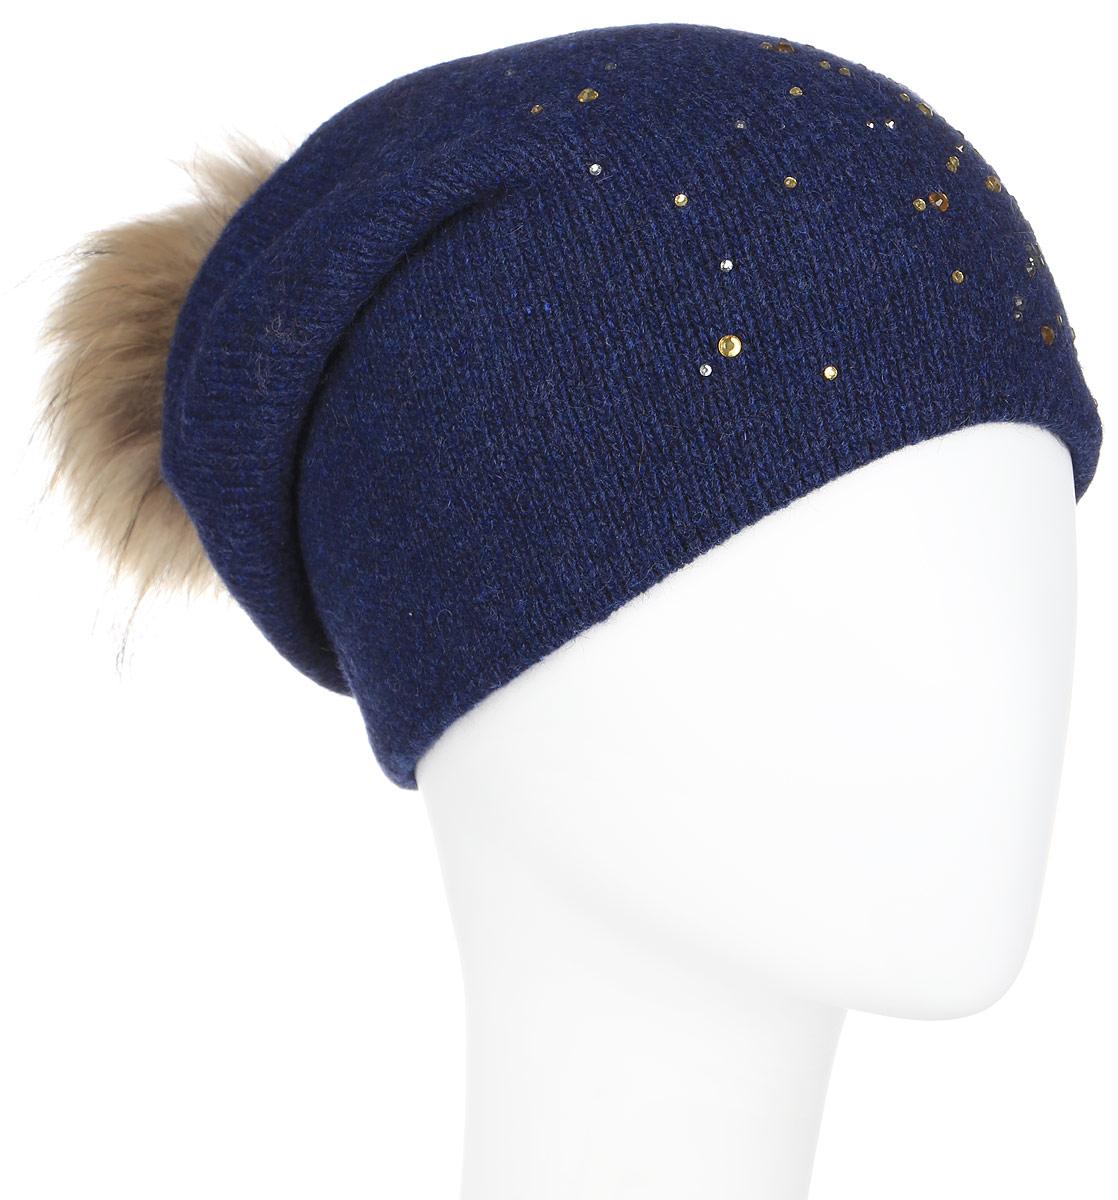 Шапка женская Finn Flare, цвет: темно-синий. A16-12130_110. Размер 56A16-12130_110Стильная женская шапка Finn Flare дополнит ваш наряд и не позволит вам замерзнуть в холодное время года. Шапка выполнена из высококачественной пряжи, что позволяет ей великолепно сохранять тепло и обеспечивает высокую эластичность и удобство посадки. Изделие дополнено тёплой подкладкой.Модель оформлена пушистым помпоном из меха енота и украшена узором из страз. Такая шапка станет модным и стильным дополнением вашего гардероба. Она согреет вас и позволит подчеркнуть свою индивидуальность!